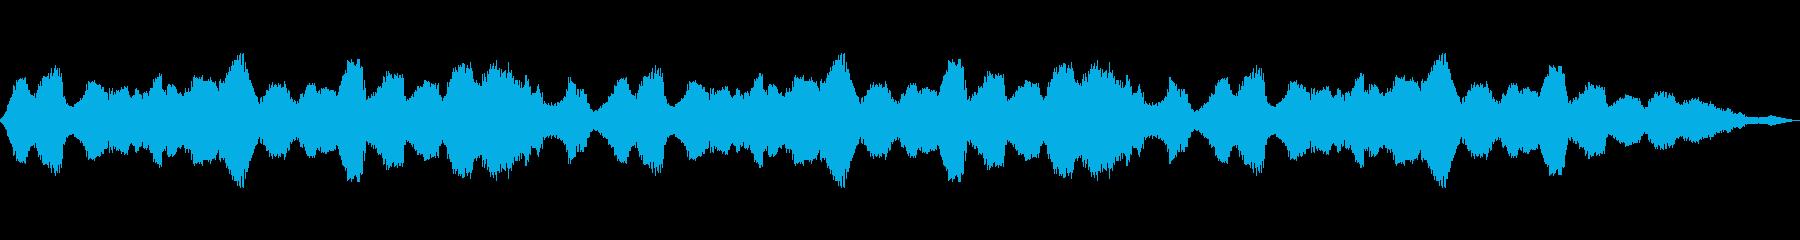 デジタル妨害の再生済みの波形